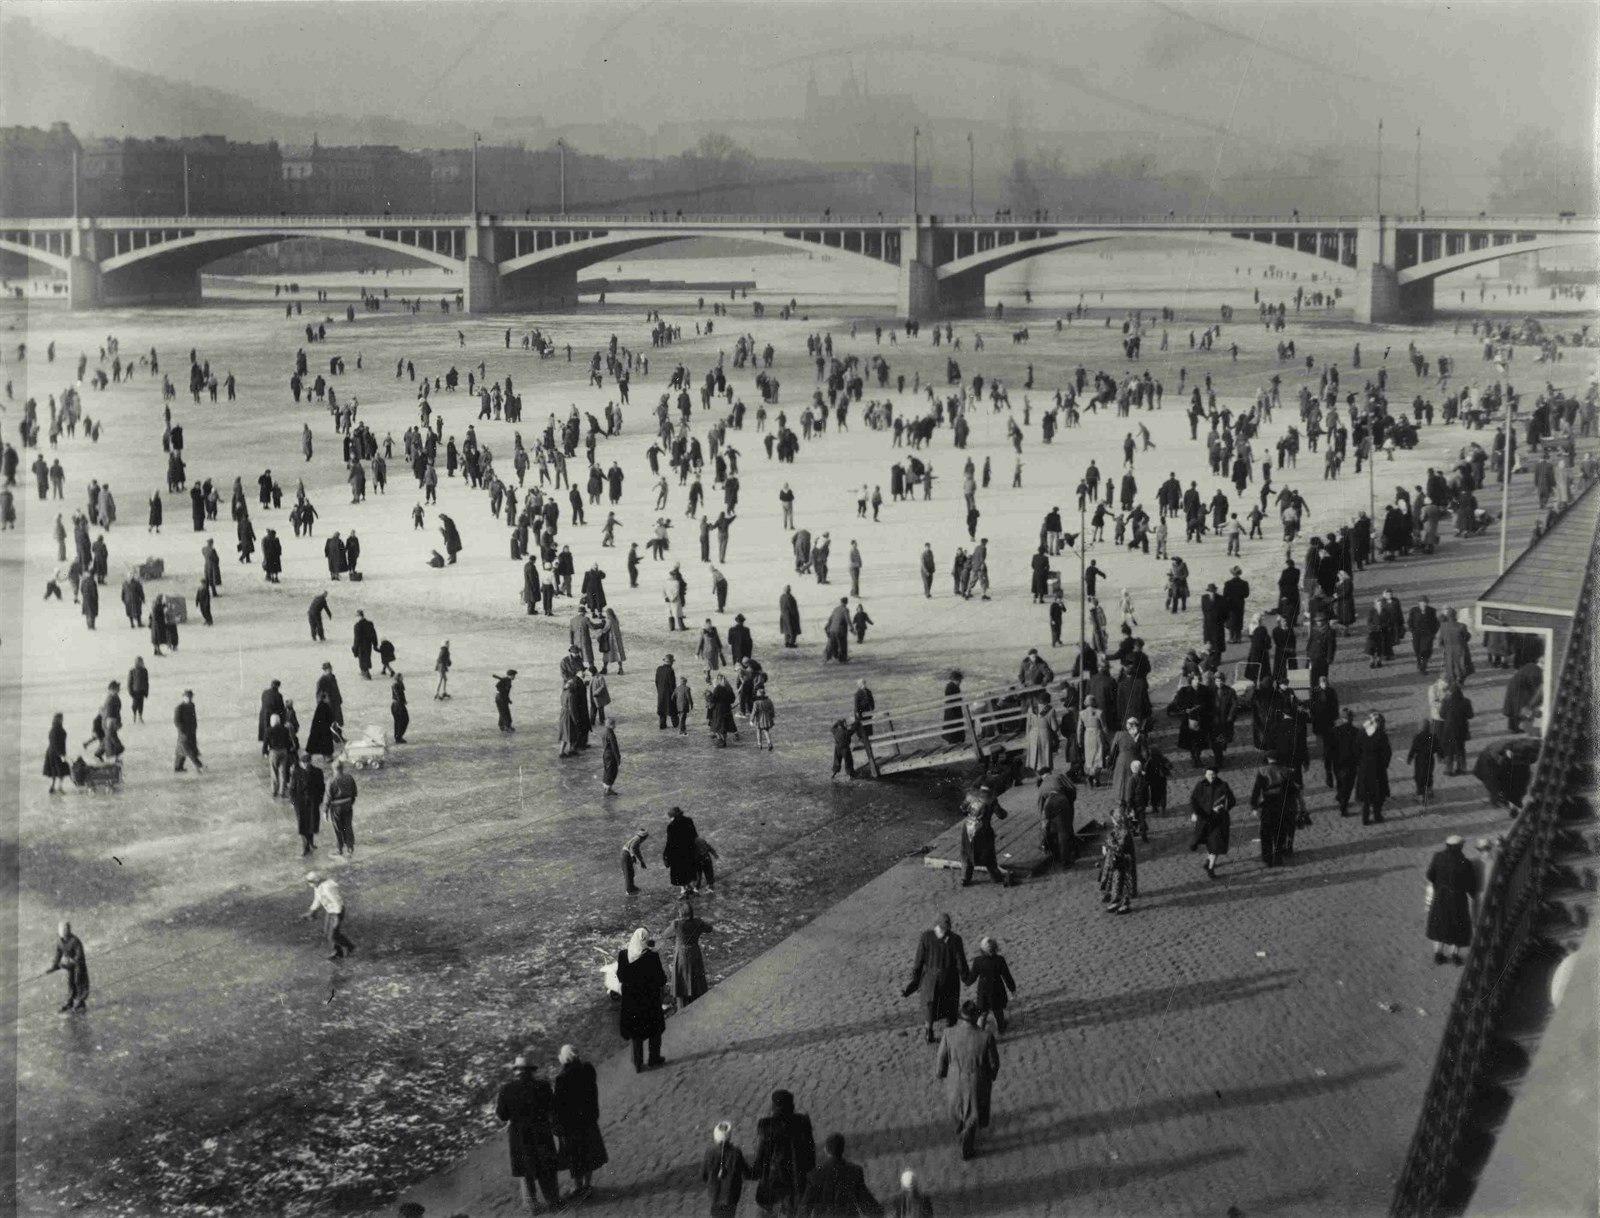 Bruslení mezi Jiráskovým a Palackého mostem, 1960, foto Jiøí Karel Procházka.